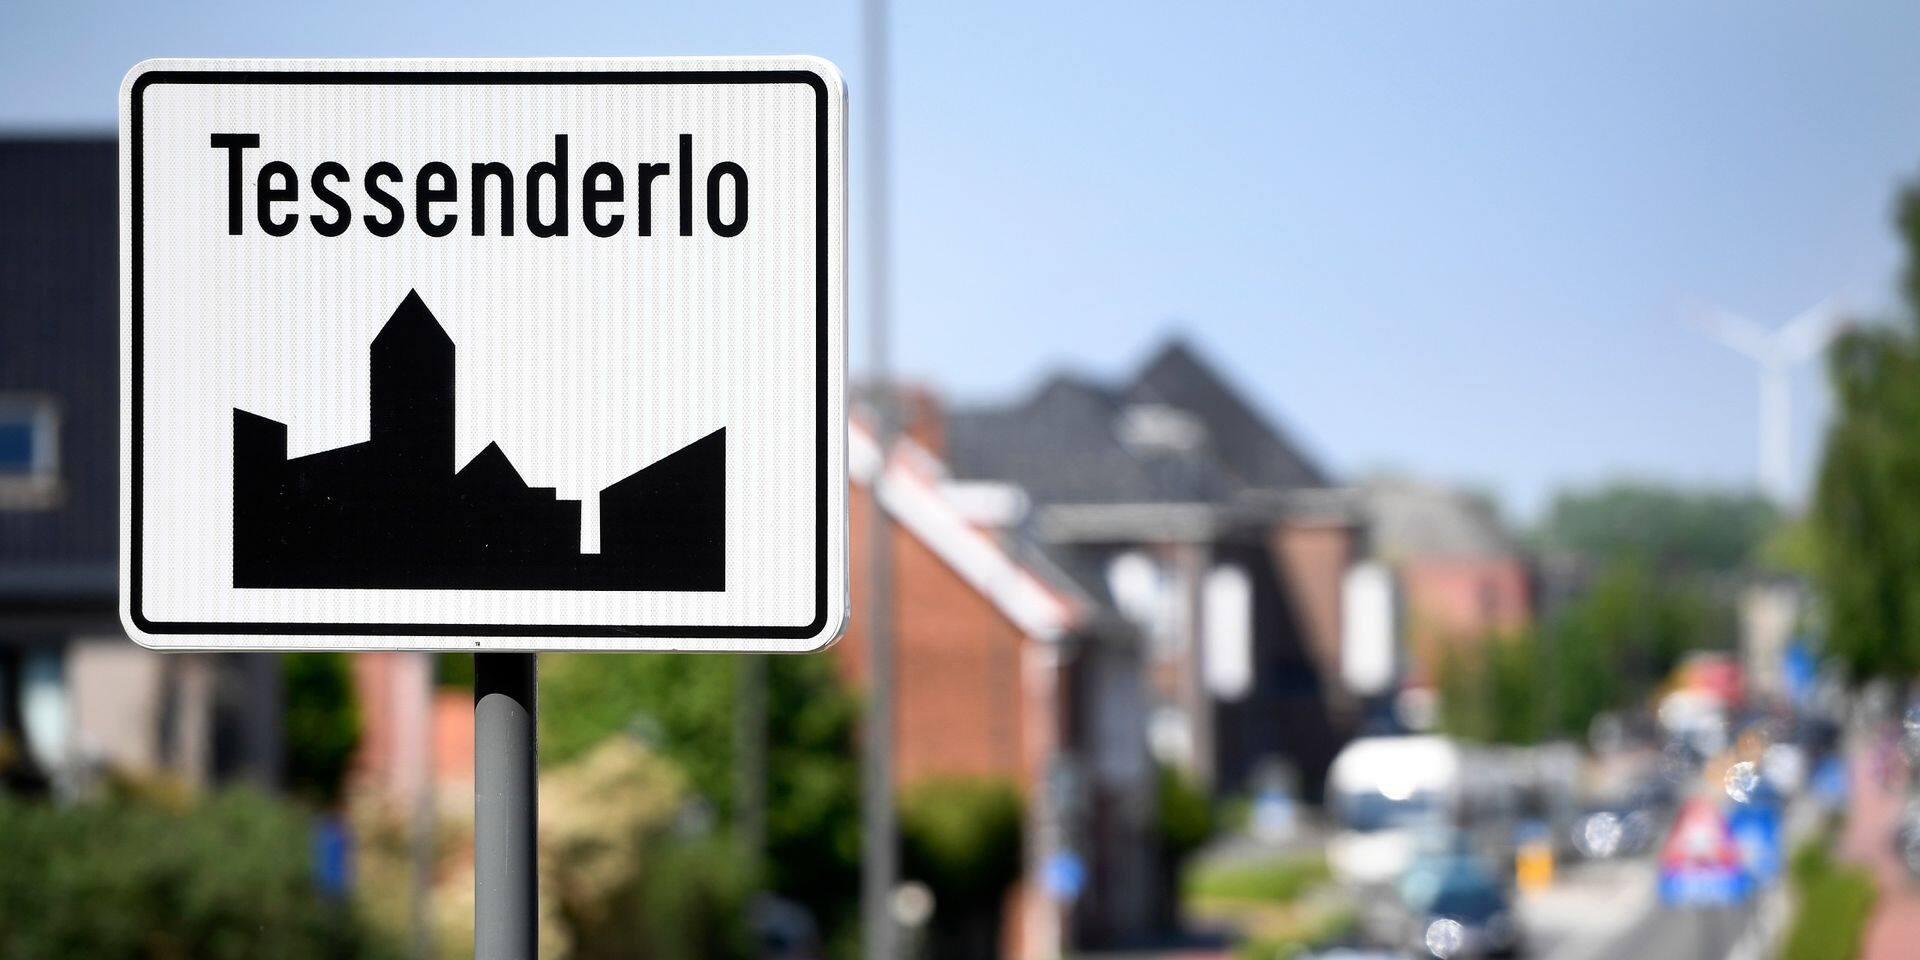 La police interrompt une fête de personnel à Tessenderlo